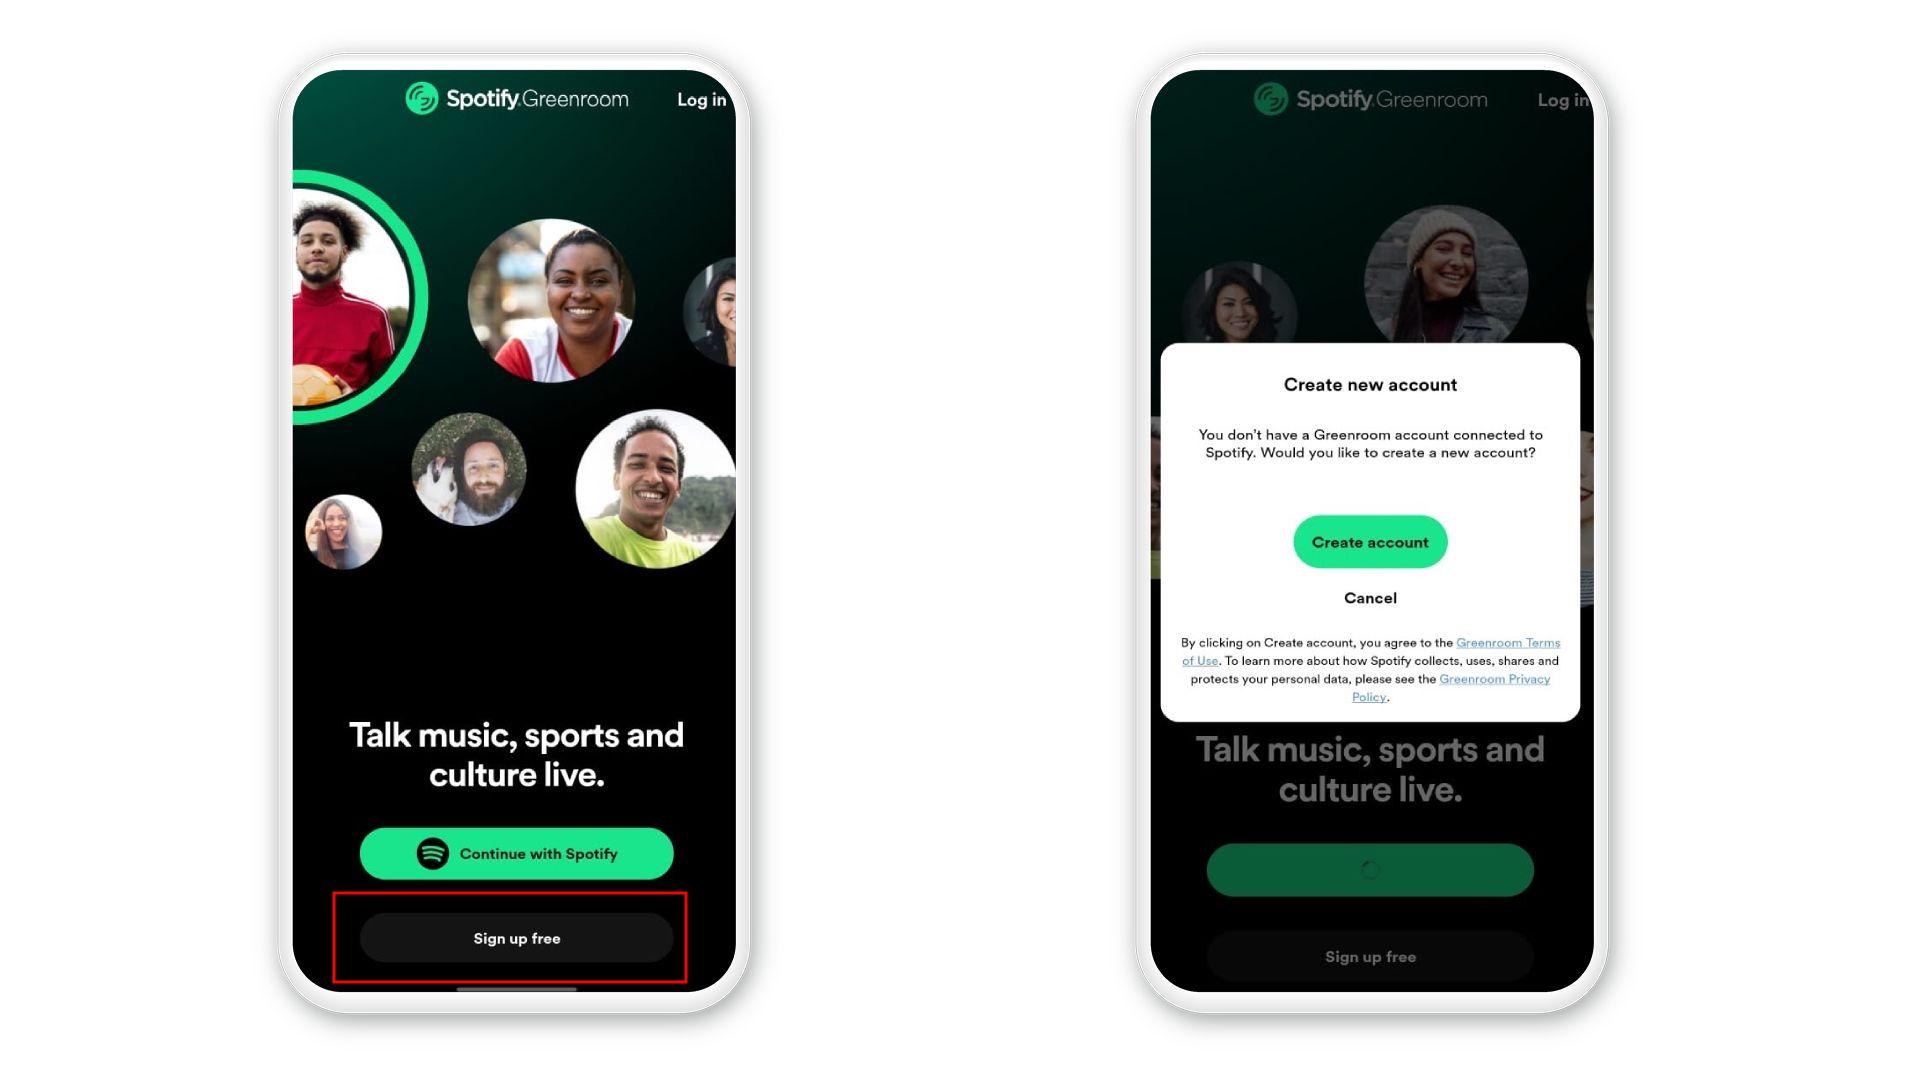 Na tela inicial do Spotify Greenroom, é possível criar uma nova conta ou logar com conta do Spotify existente (Foto: Reprodução/Zoom)